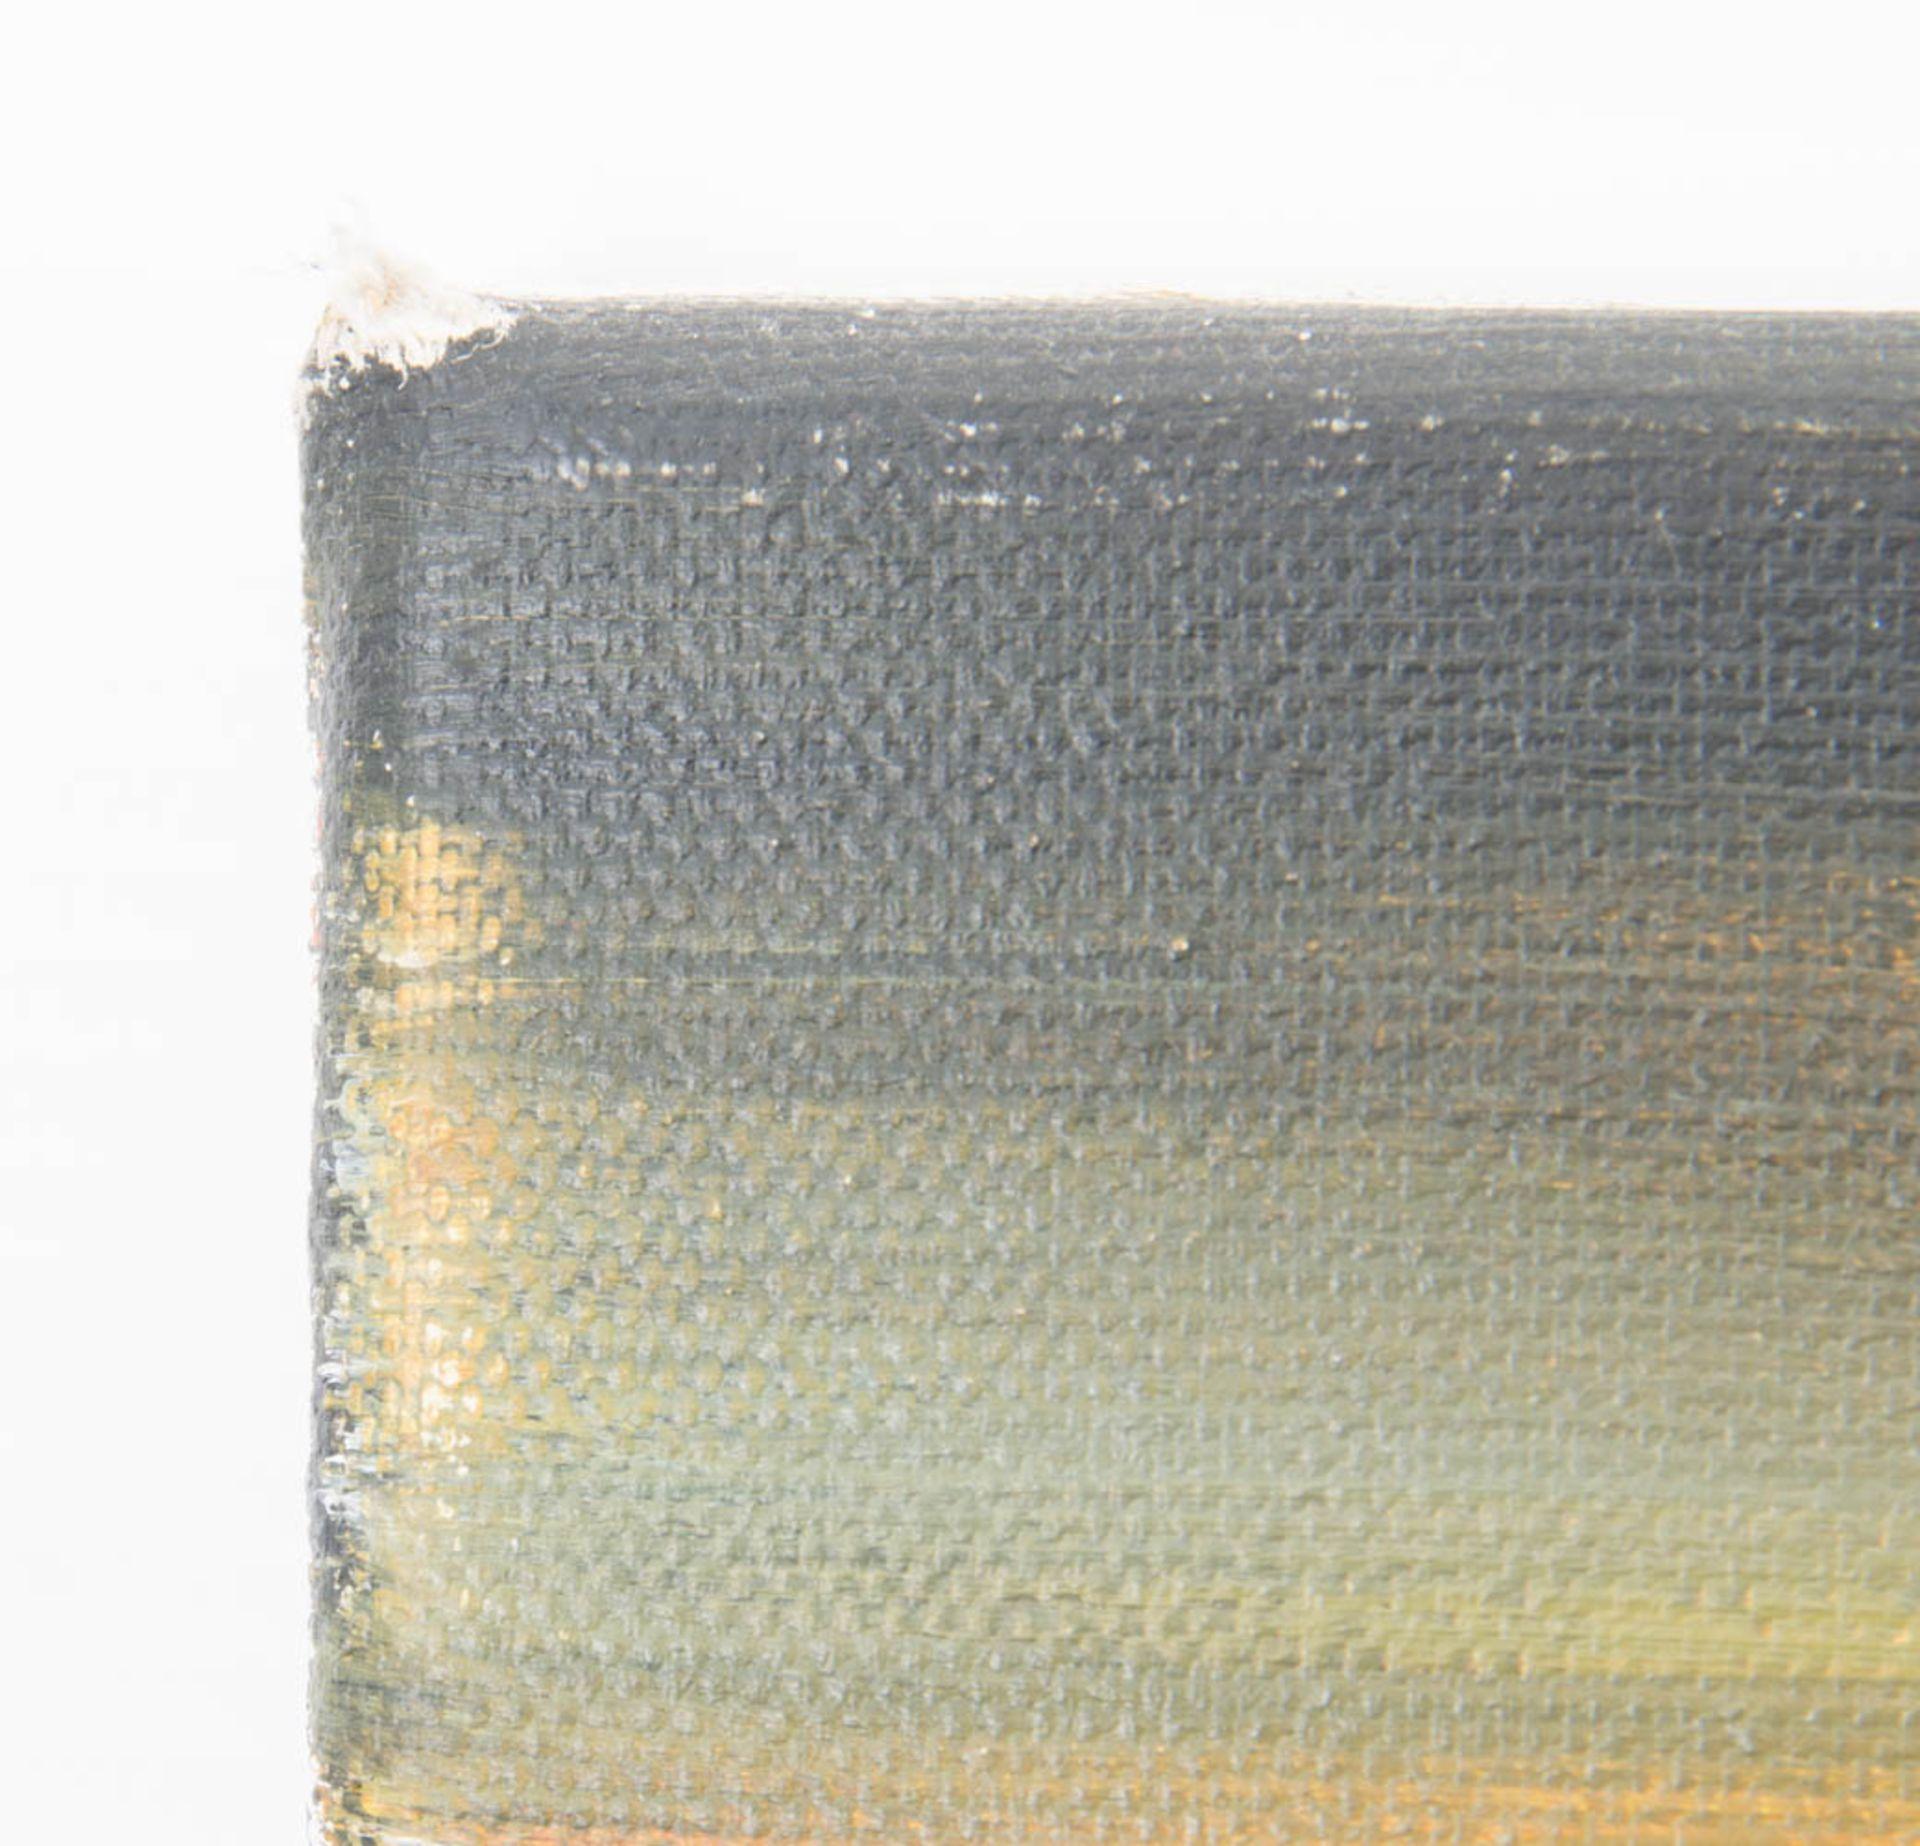 Remi Bertoche, Wellen im Abendrot, Öl auf Leinwand, 20./21. Jh.Oben rechts signiert.< - Bild 4 aus 5